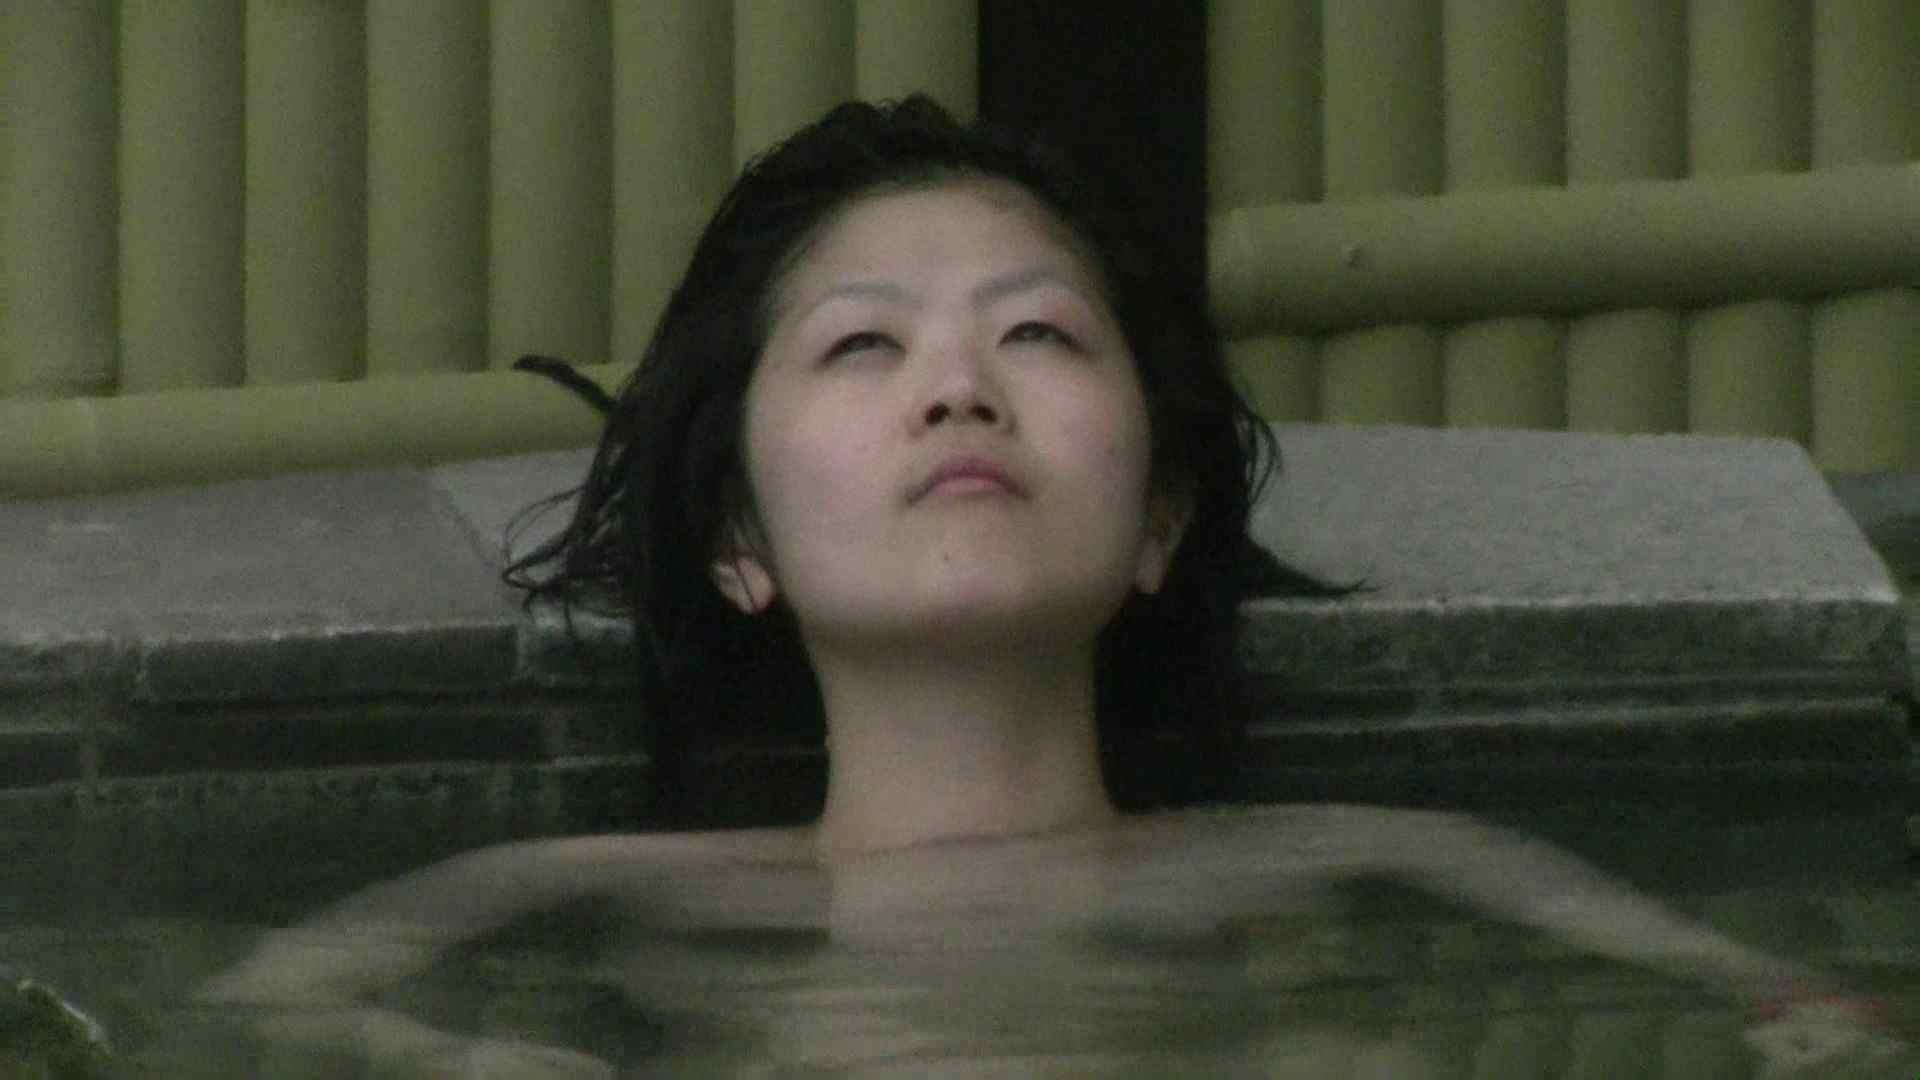 Aquaな露天風呂Vol.538 OLのエロ生活   盗撮  90連発 16